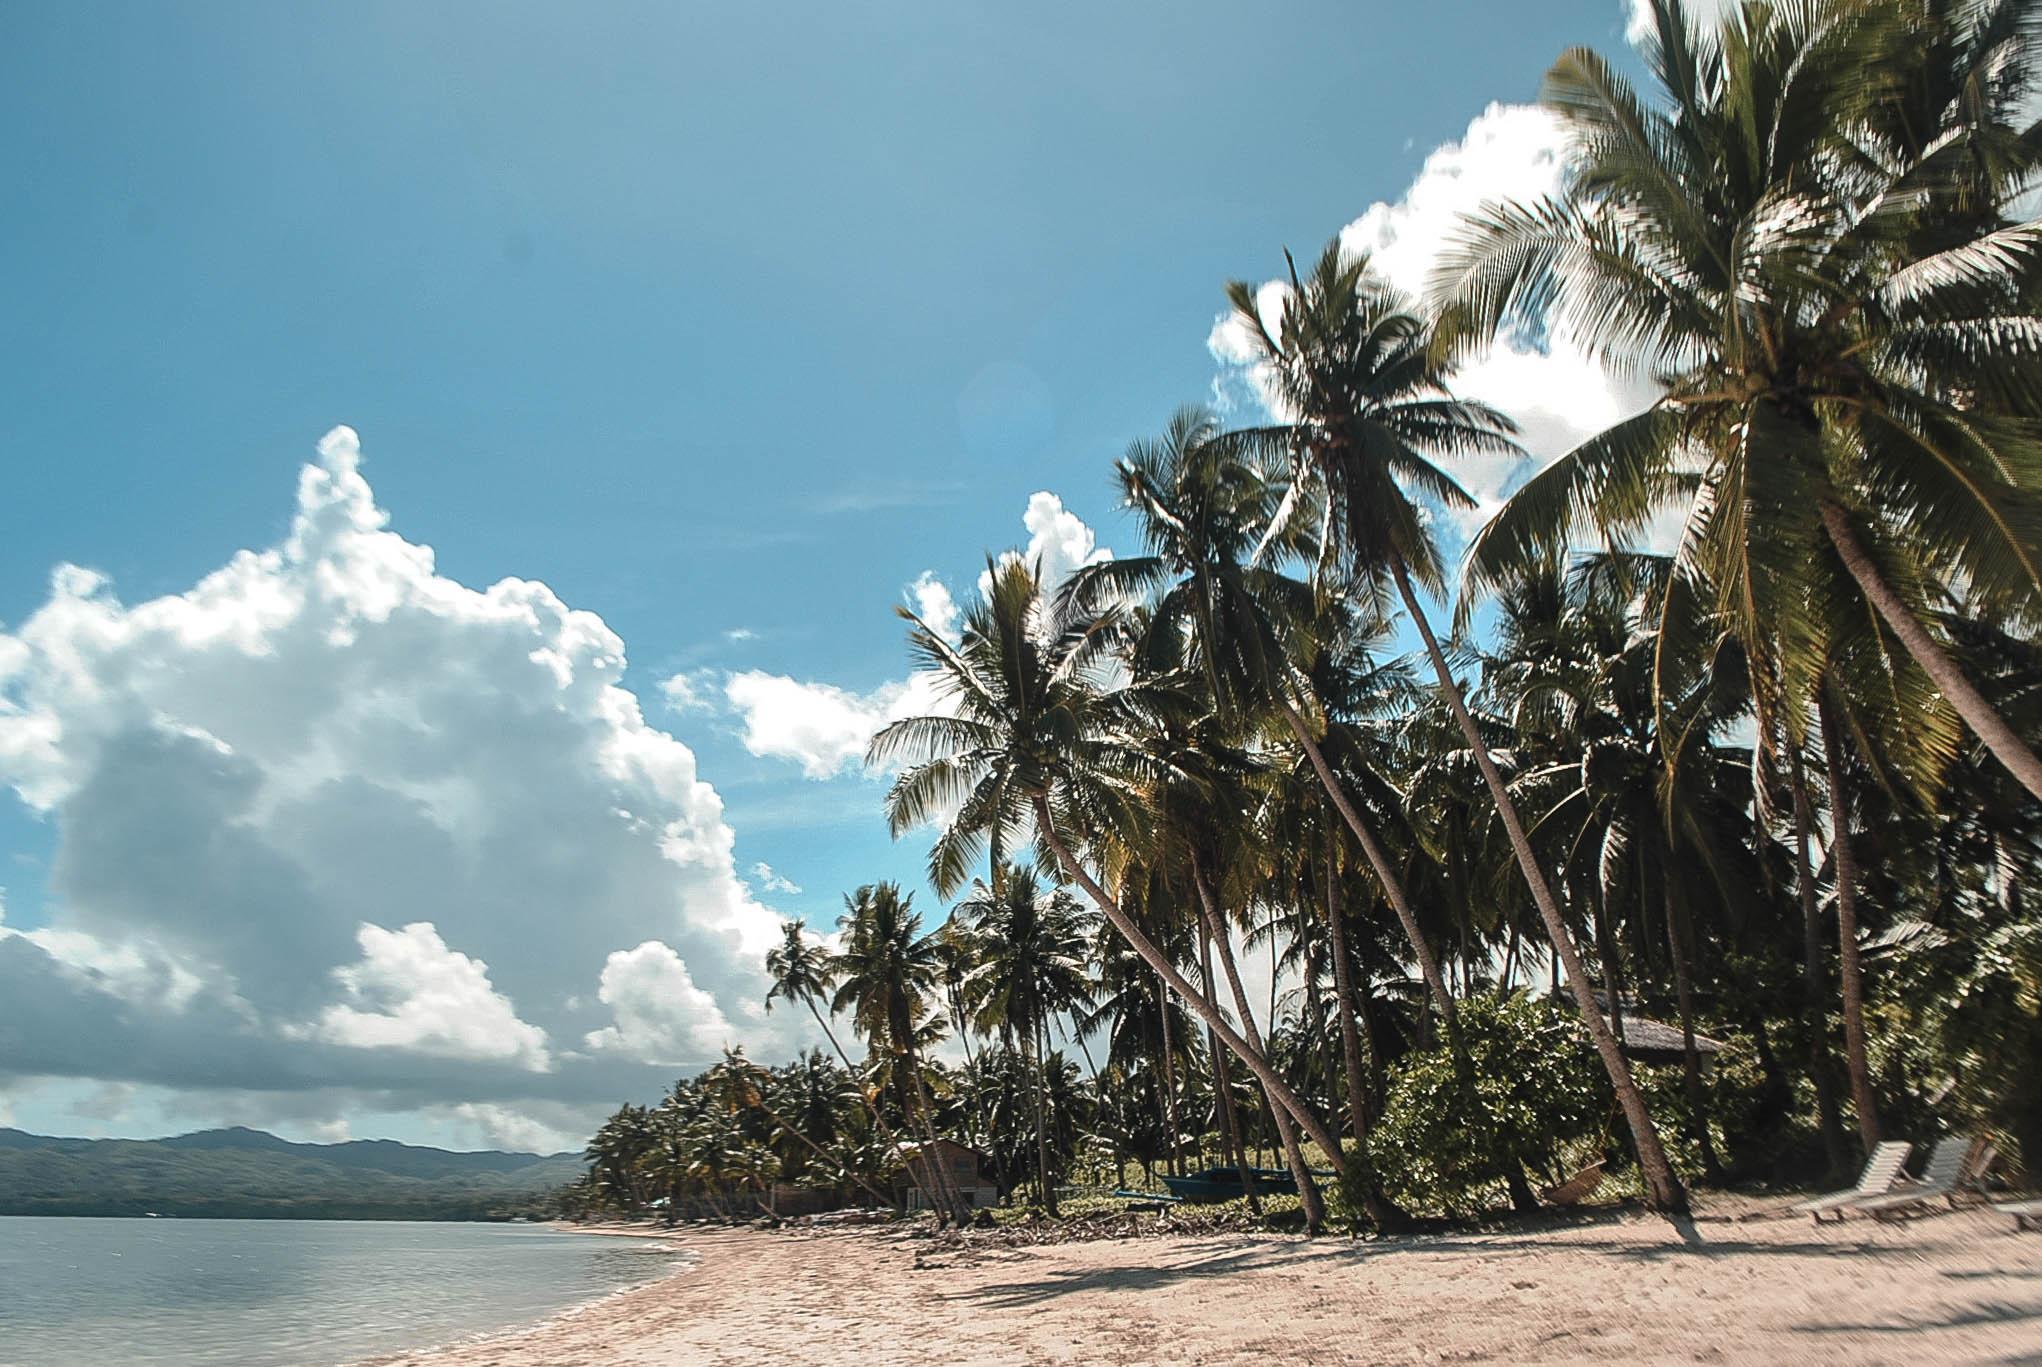 siquijor beach 27 (1 of 1)